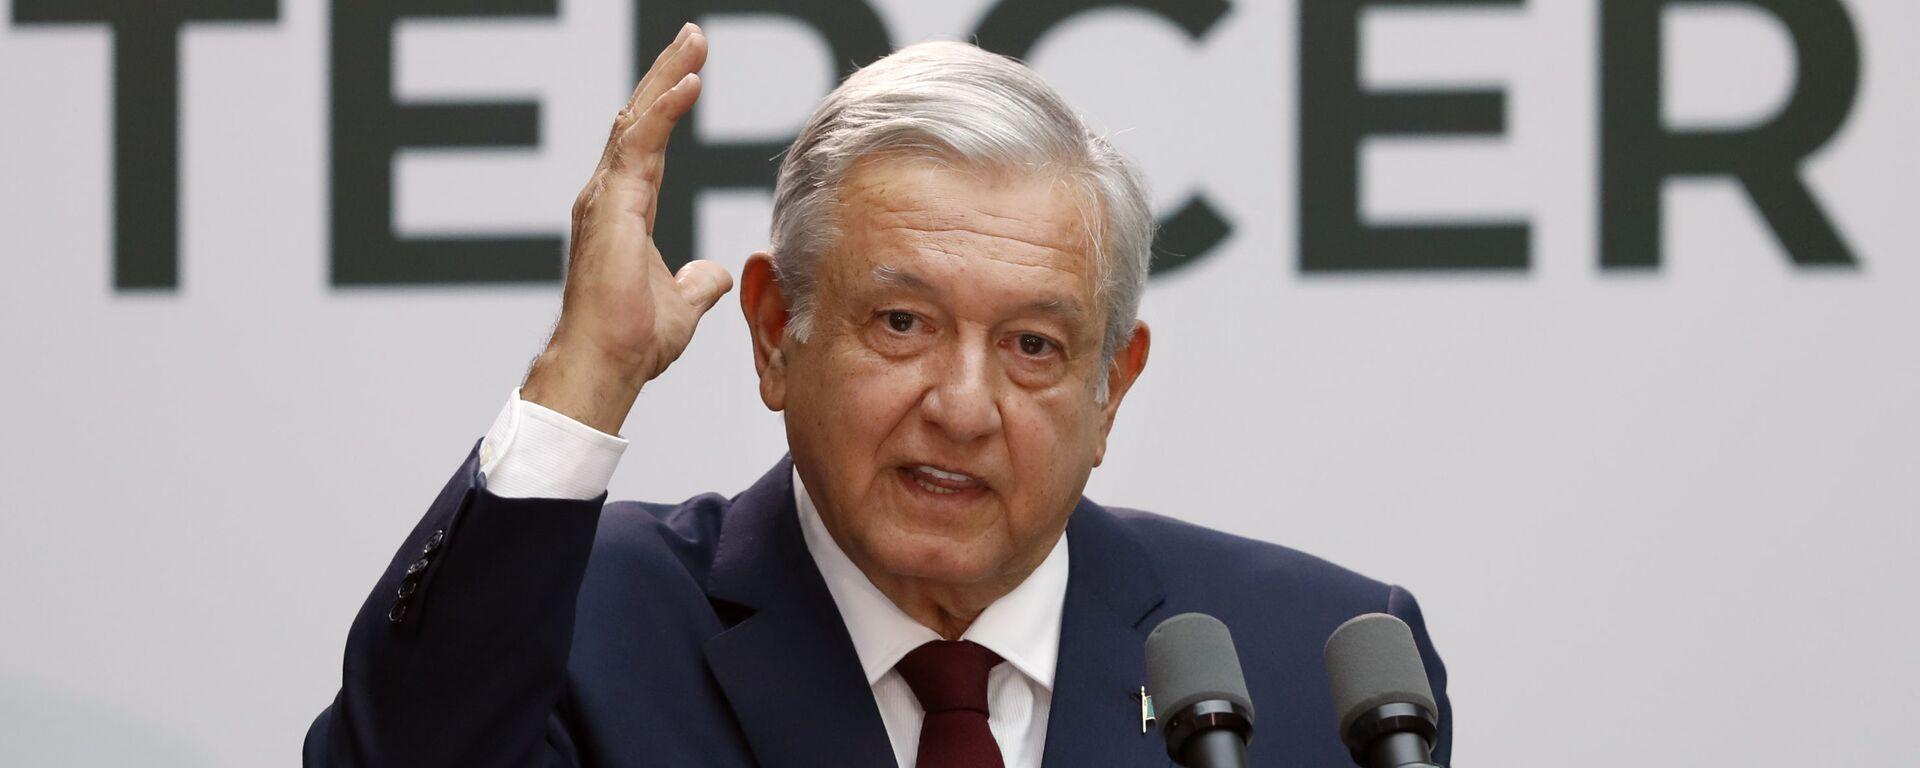 Andrés Manuel López Obrado, presidente mexicano - Sputnik Mundo, 1920, 24.08.2021